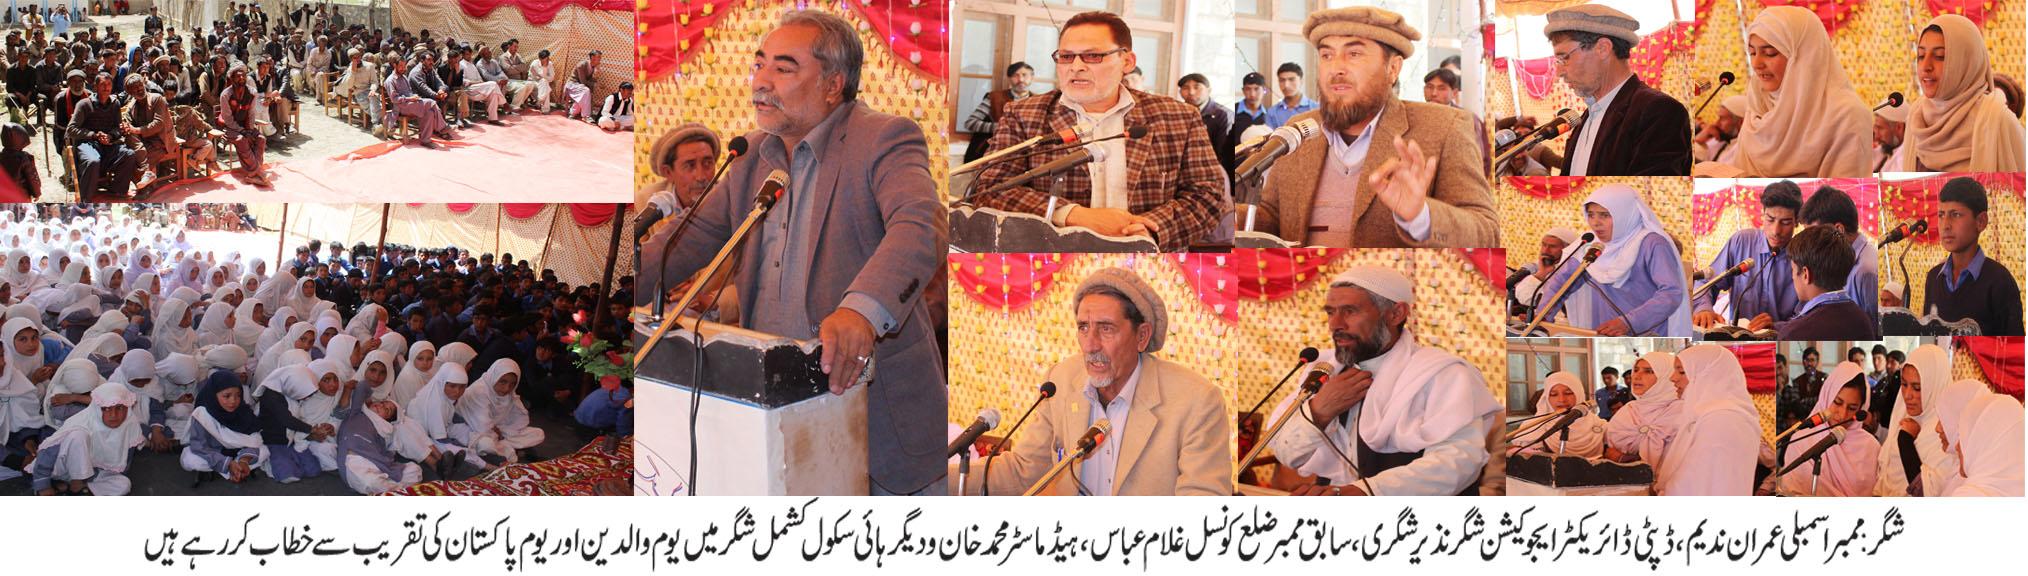 ہائی سکول کشمل شگر میںیوم پاکستان اور یومِ والدین کی تقریب منعقد